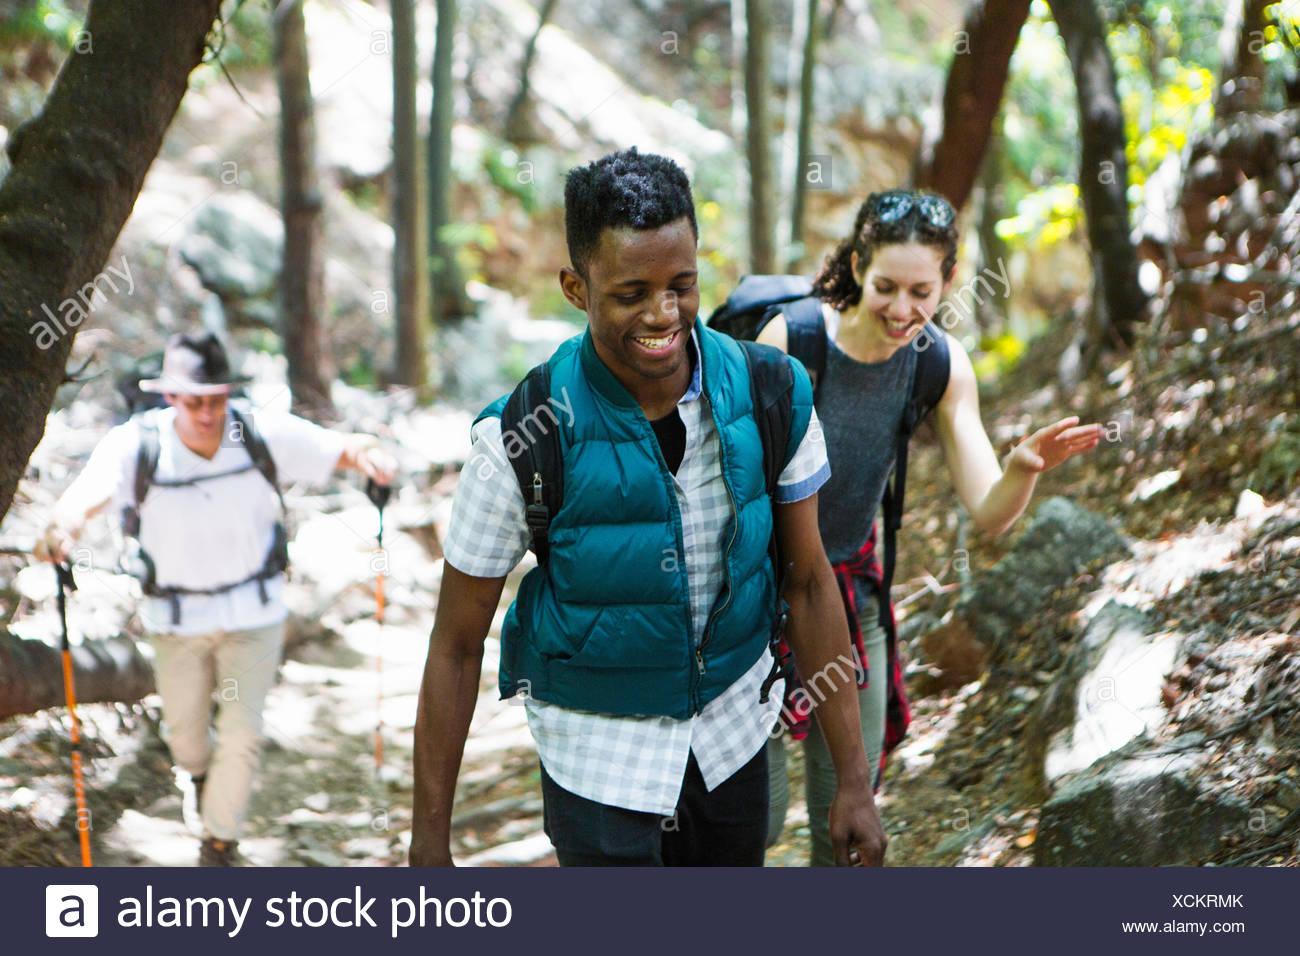 Tres adultos jóvenes excursionistas caminatas a través del bosque, Arcadia, California, EE.UU. Foto de stock